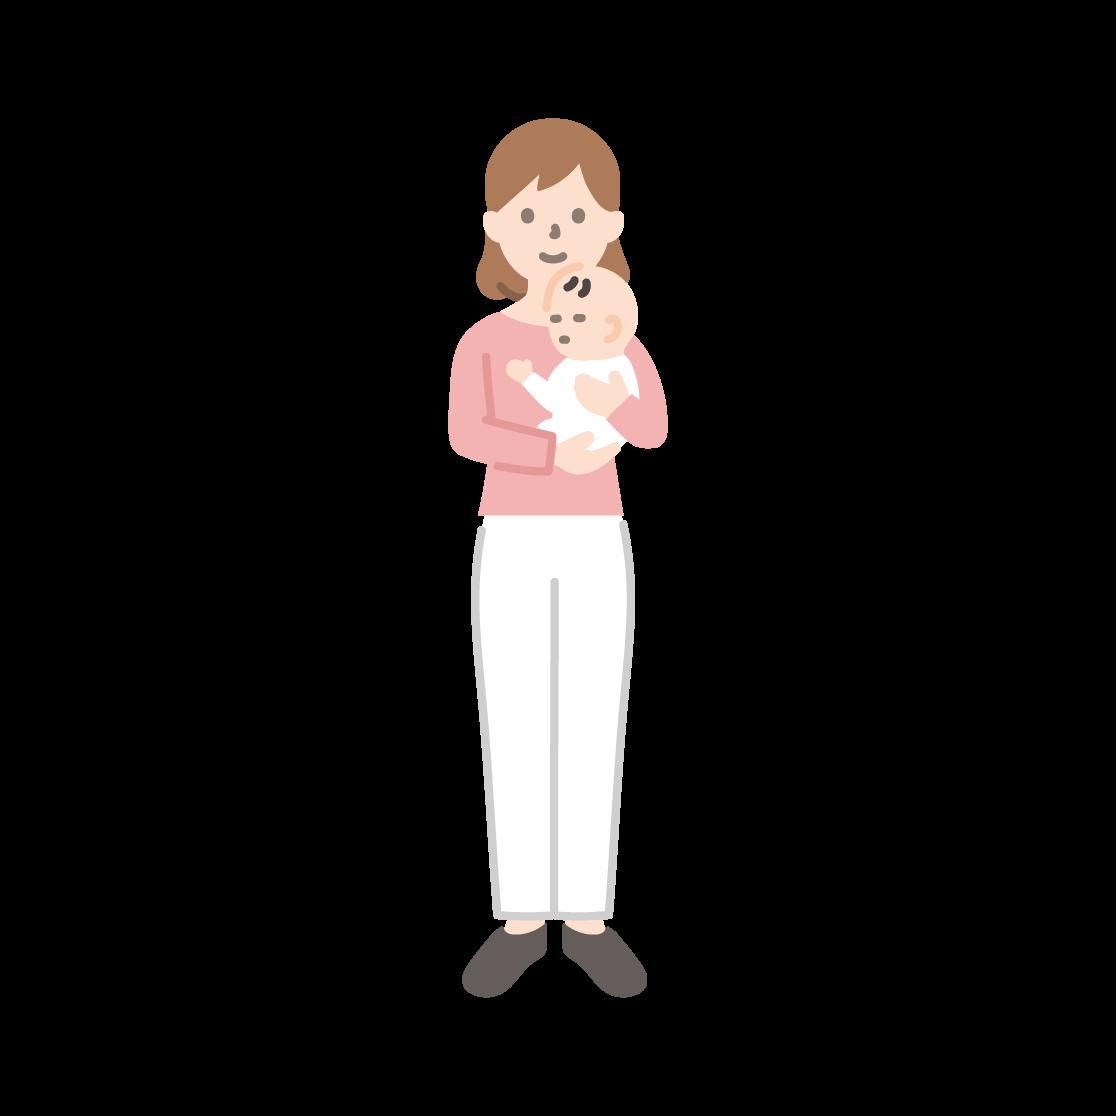 赤ちゃんを抱く女性のイラスト(塗り)